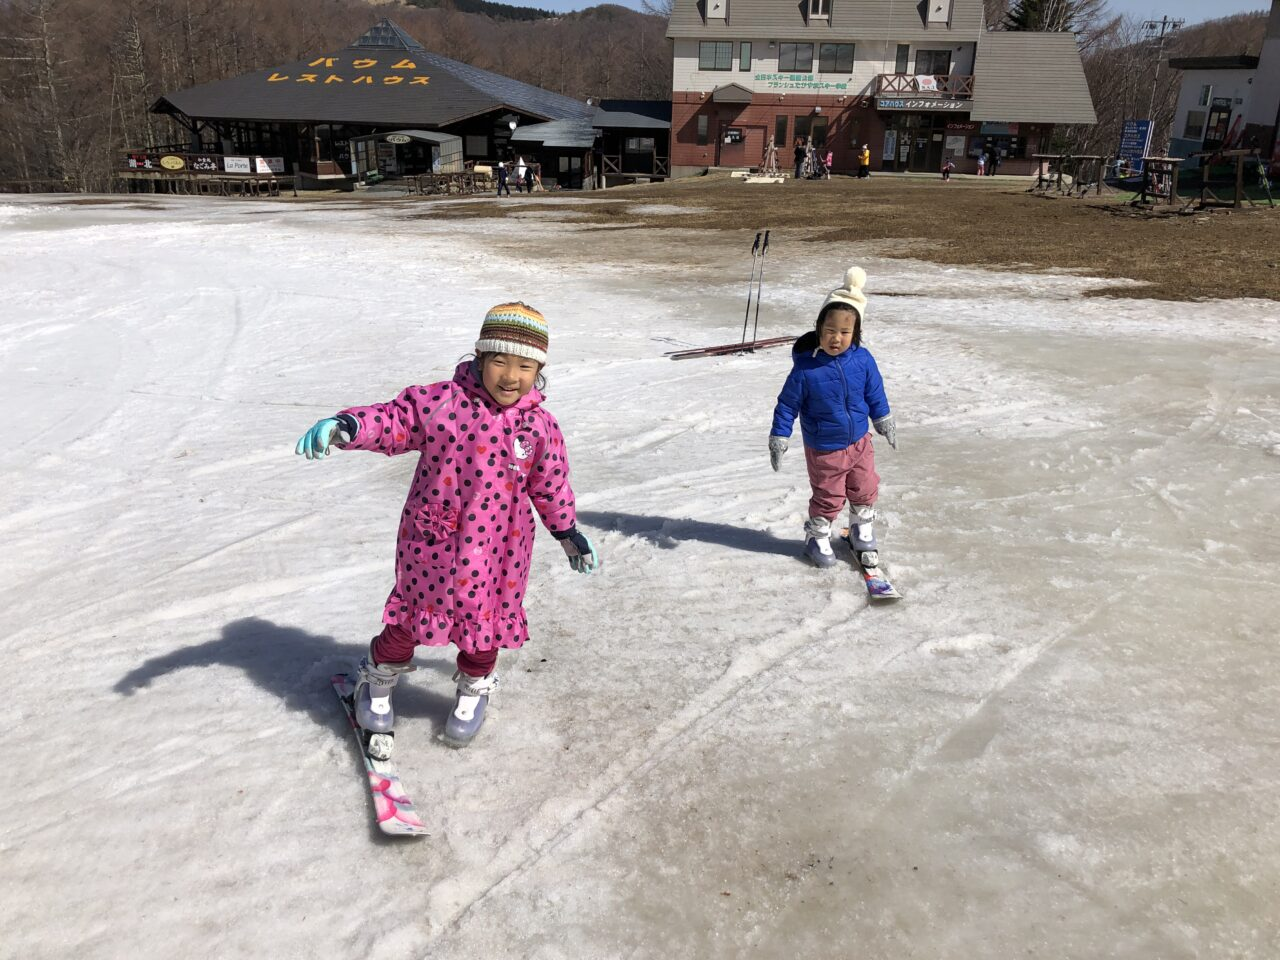 ブランシュたかやま 無料スキーレッスン 初スキー 片足スキー